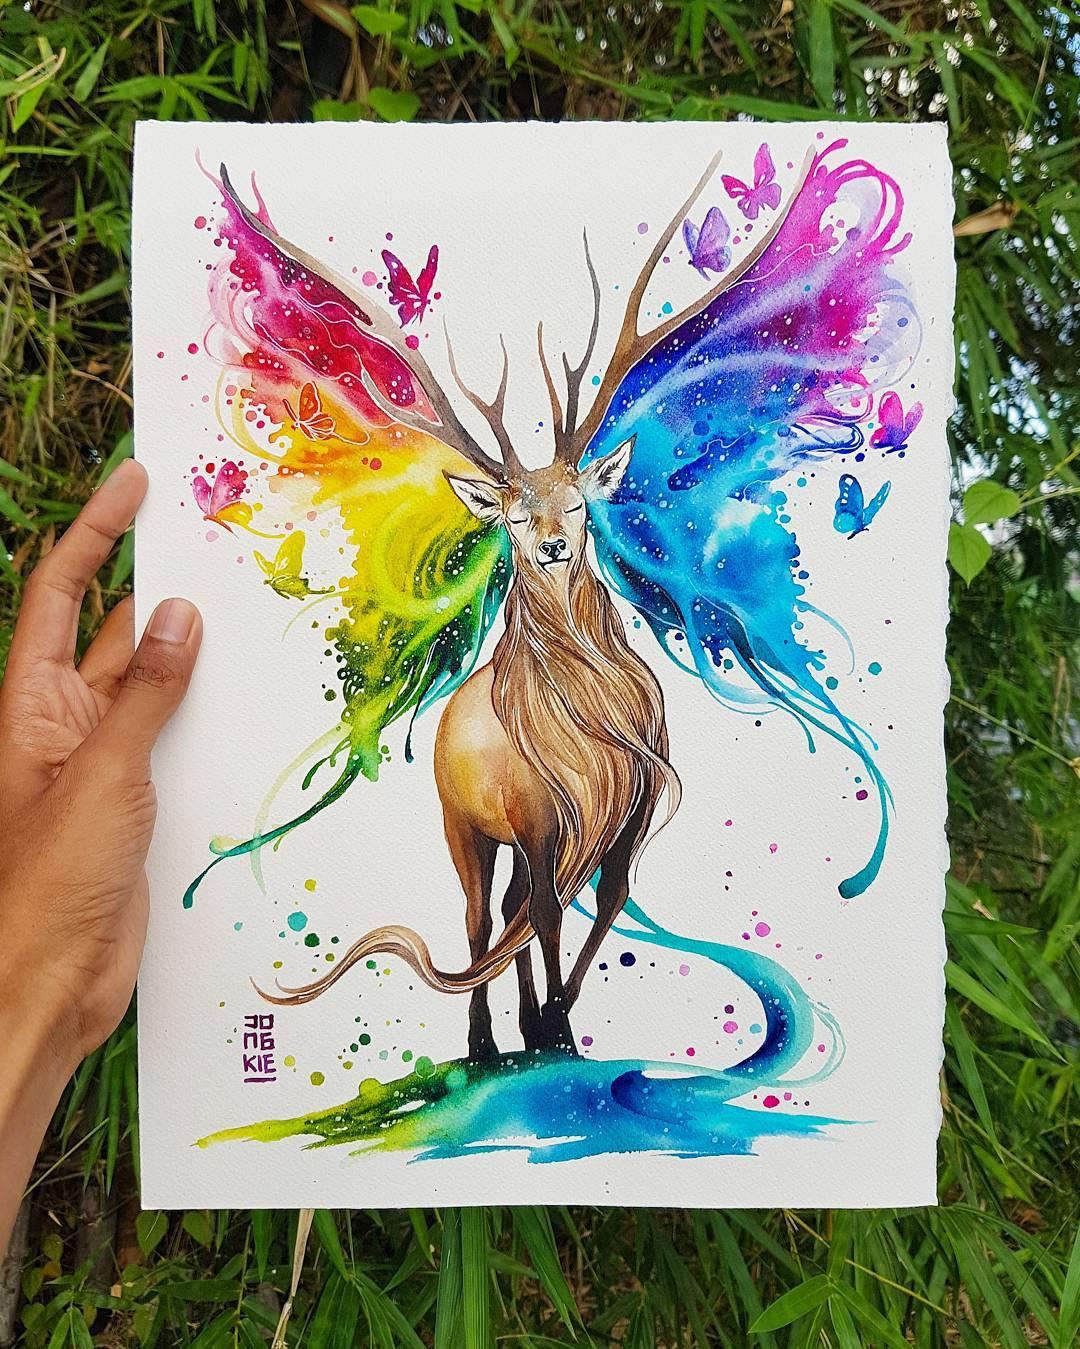 [Aquarelles] Les illustrations d'animaux magnifiquement colorées de Jongkie 29